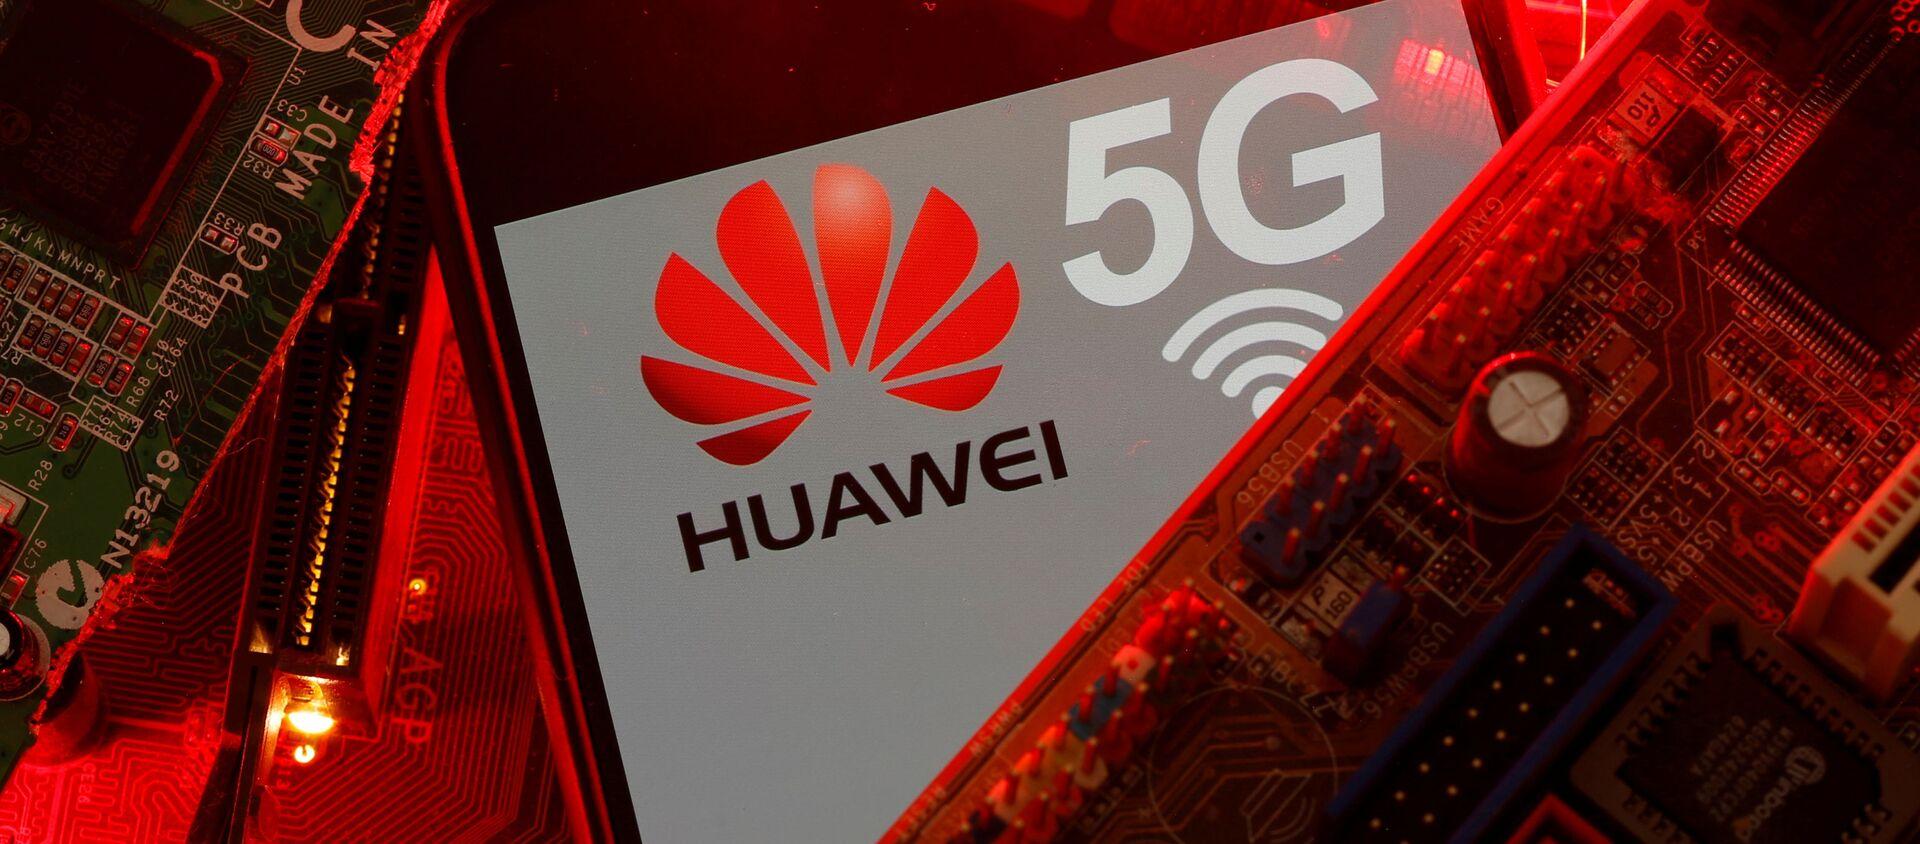 El logo de Huawei y la red 5G - Sputnik Mundo, 1920, 23.11.2020